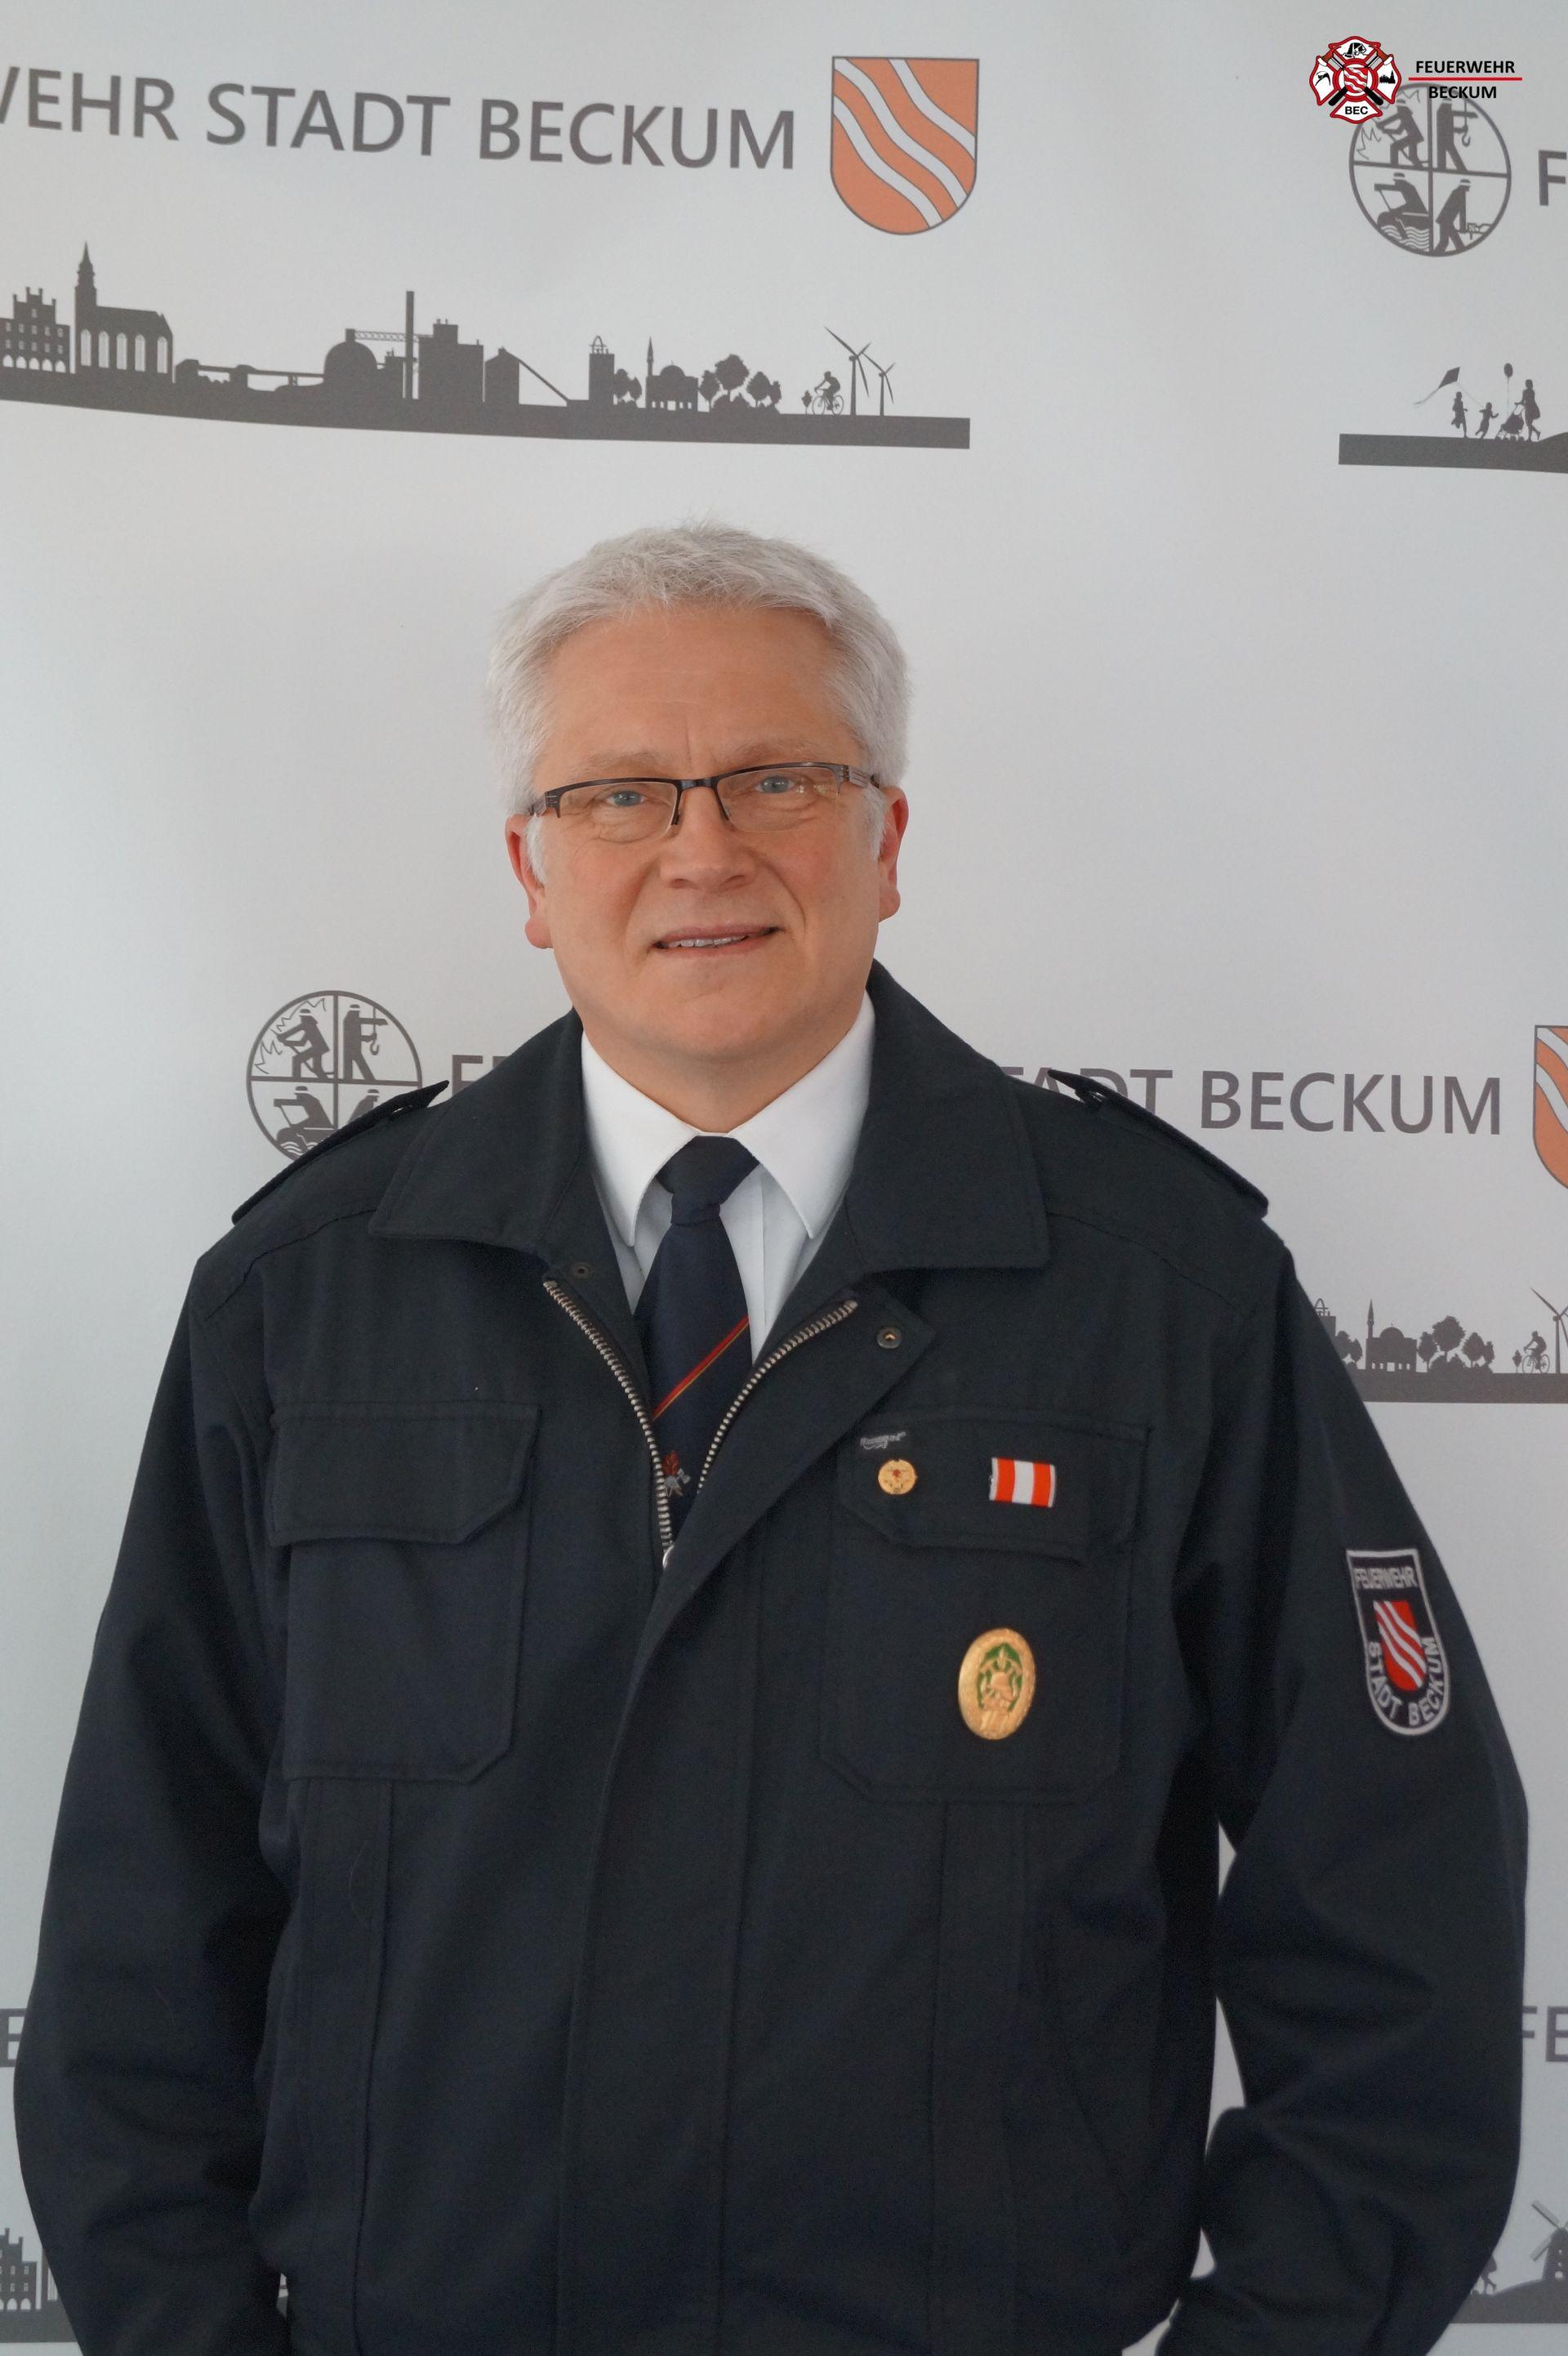 Feuerwehr Beckum - Löschzug Neubeckum